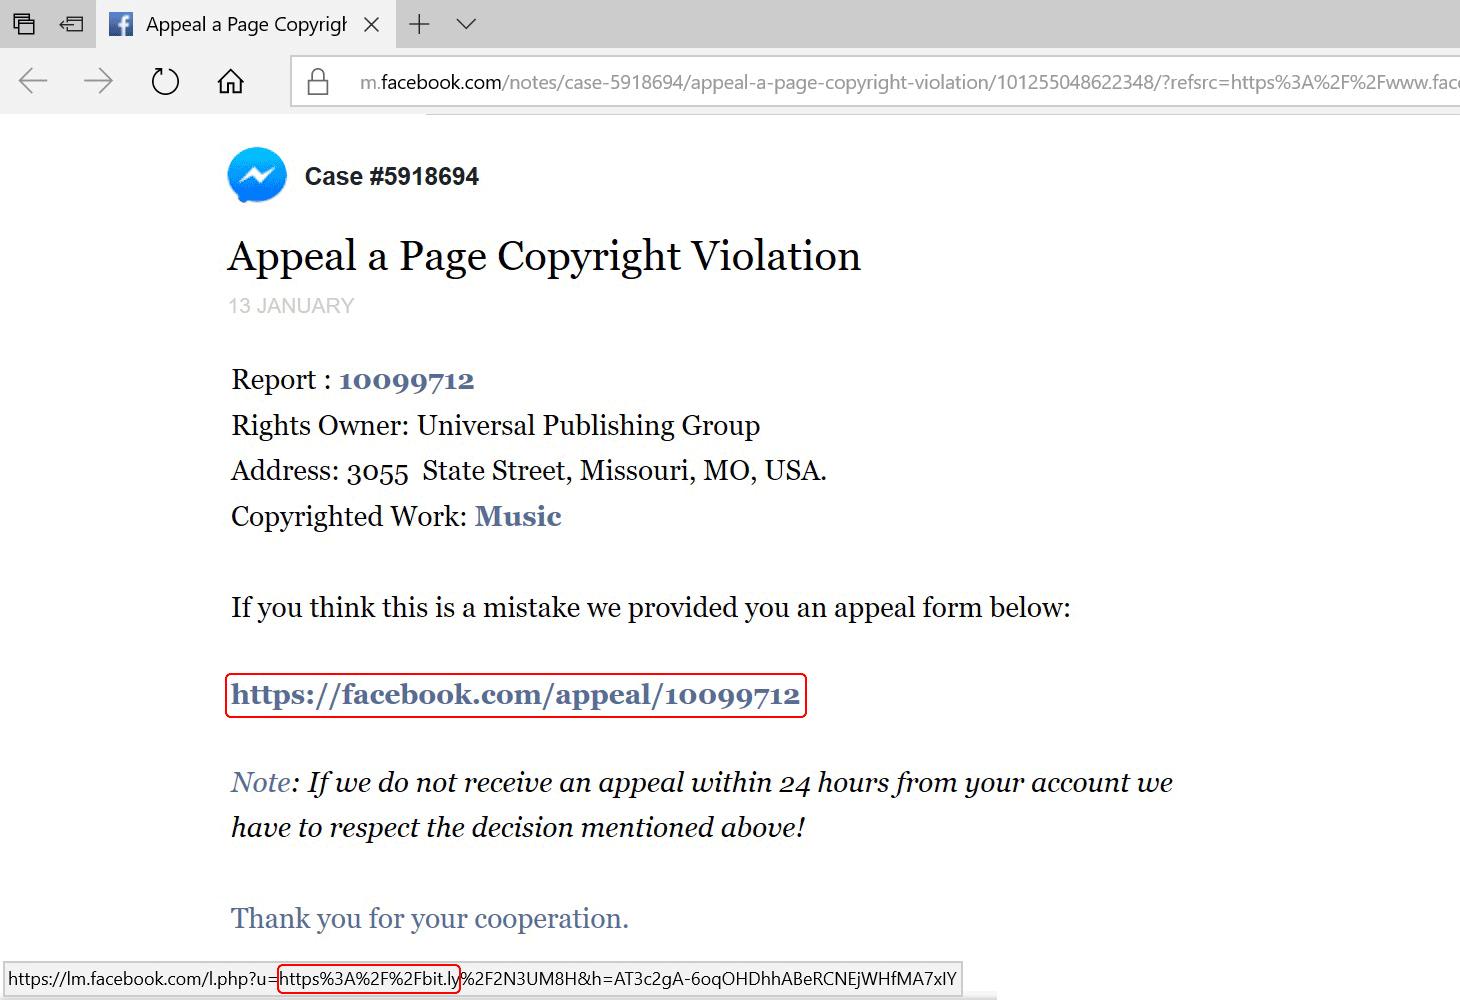 O endereço do link é visível no canto esquerdo inferior. À primeira vista, pode parecer interno, mas aponta para uma fonte externa via bit.ly